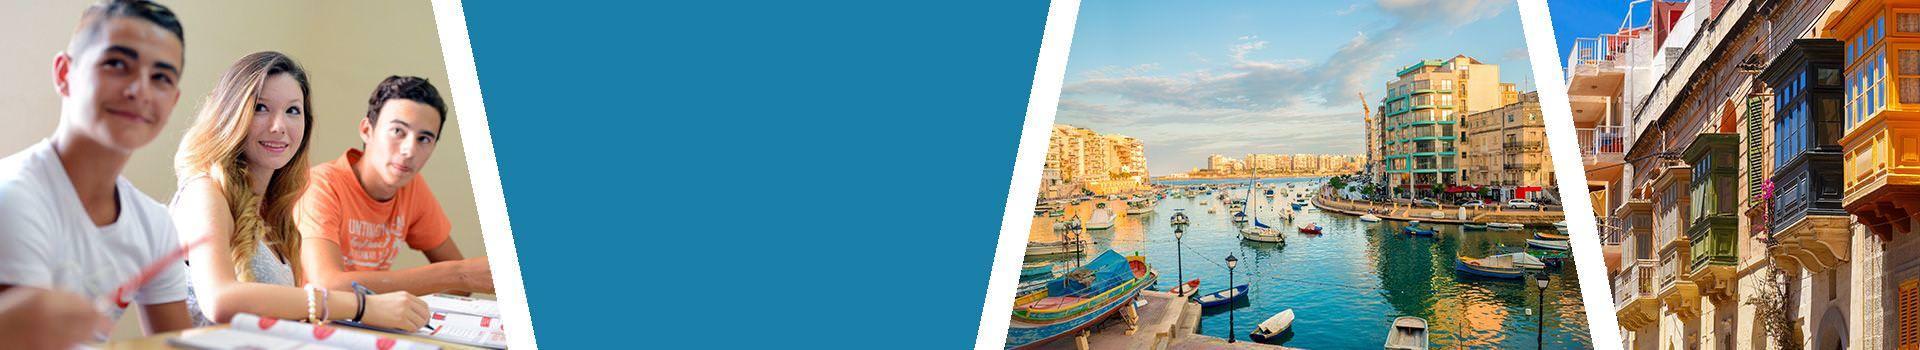 Sprachreise für Schüler nach Sliema auf Malta Slider